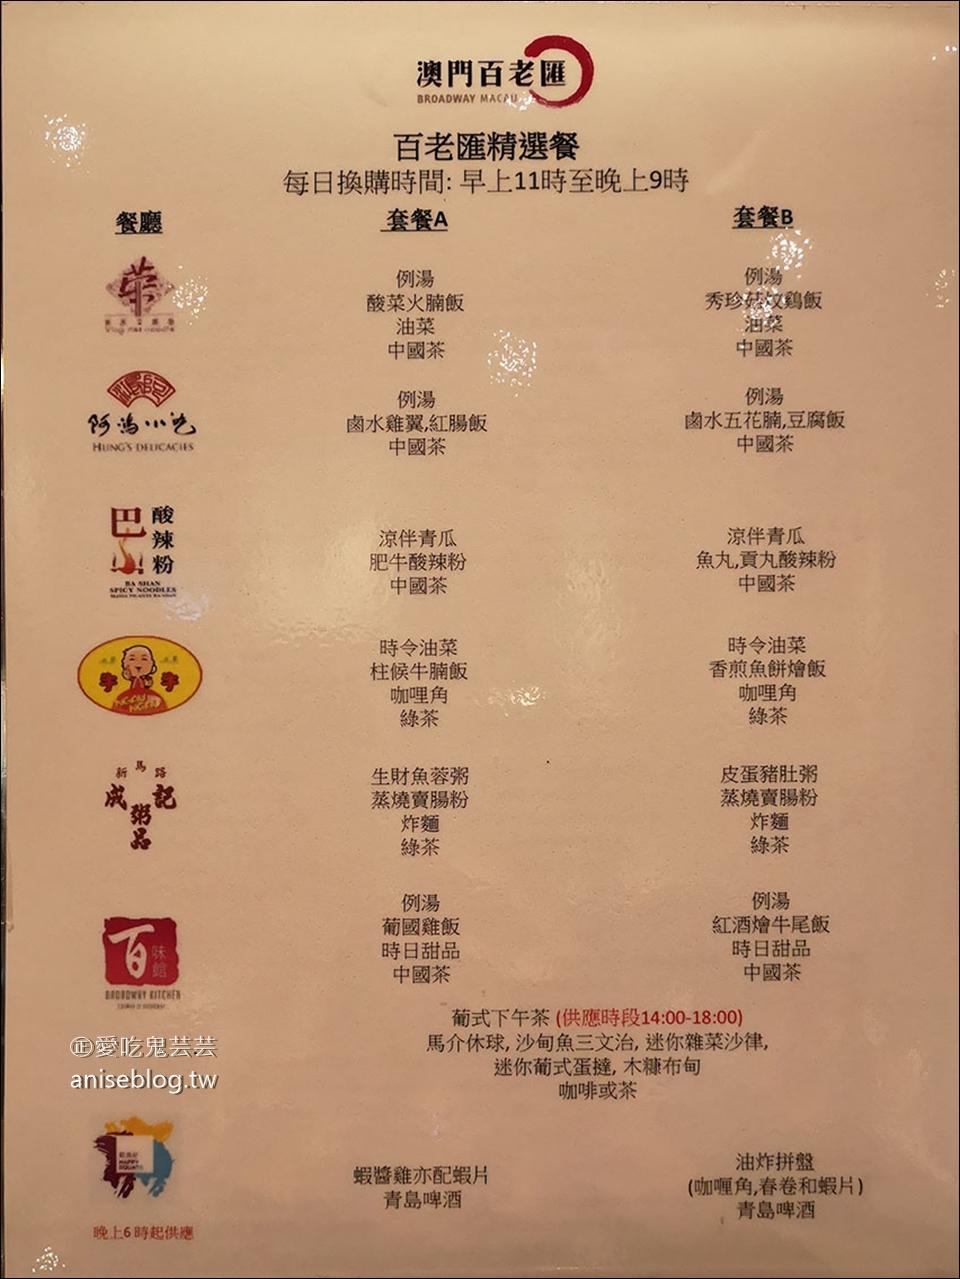 澳門百老匯美食街:牛牛小食、成記粥品、梓記牛什、杏香園